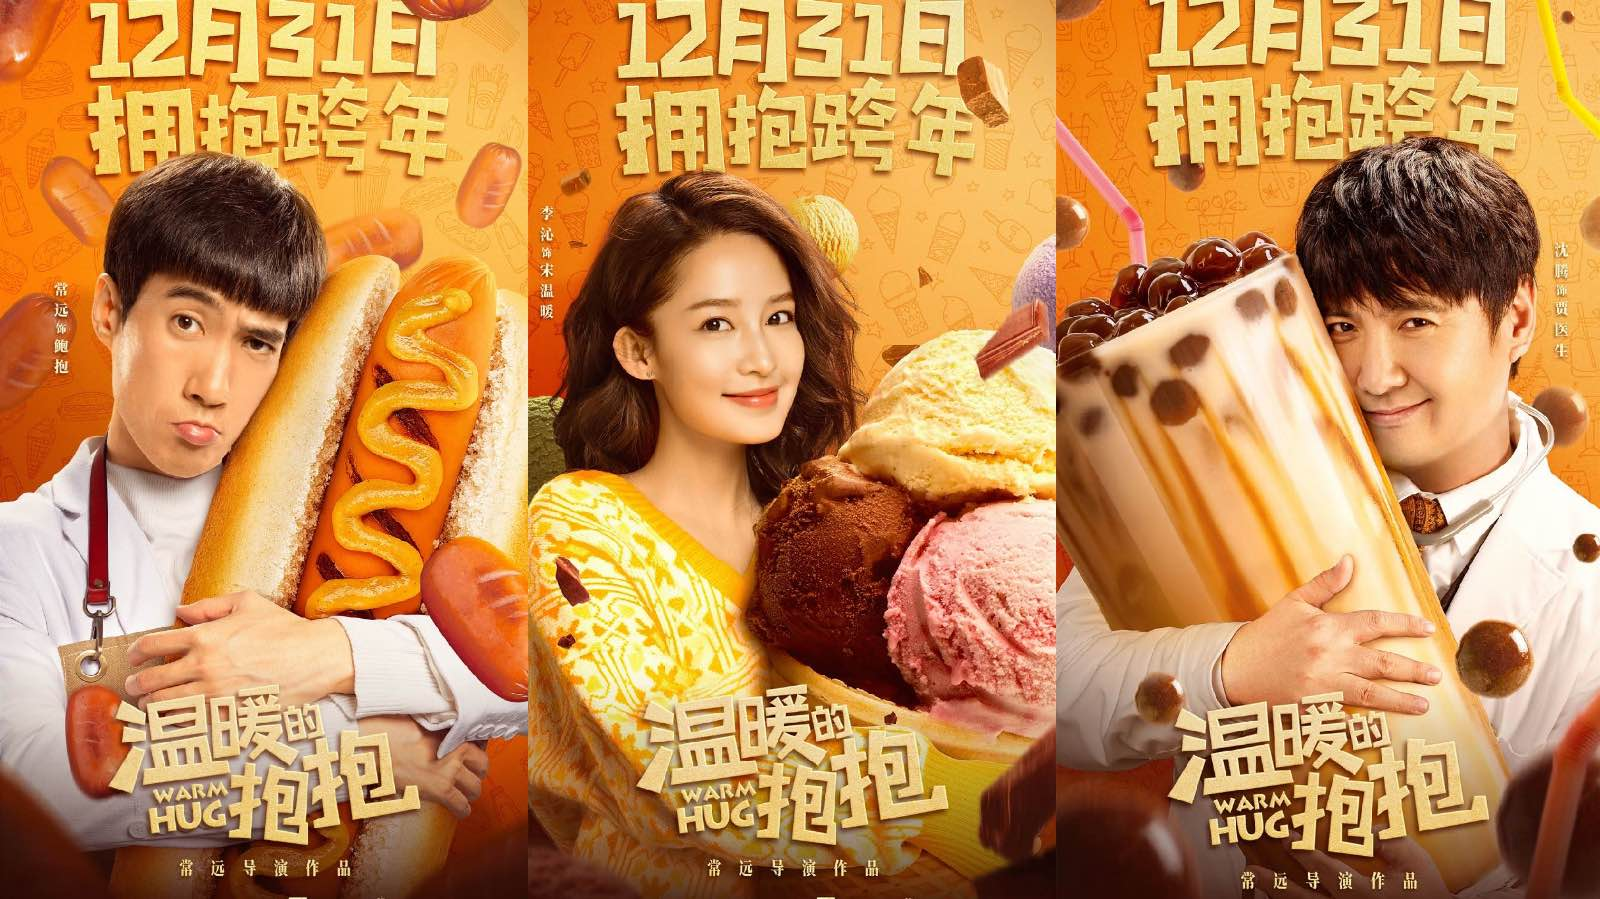 喜剧电影《温暖的抱抱》发布海报 常远李沁沈腾乔杉拥抱美食温暖跨年